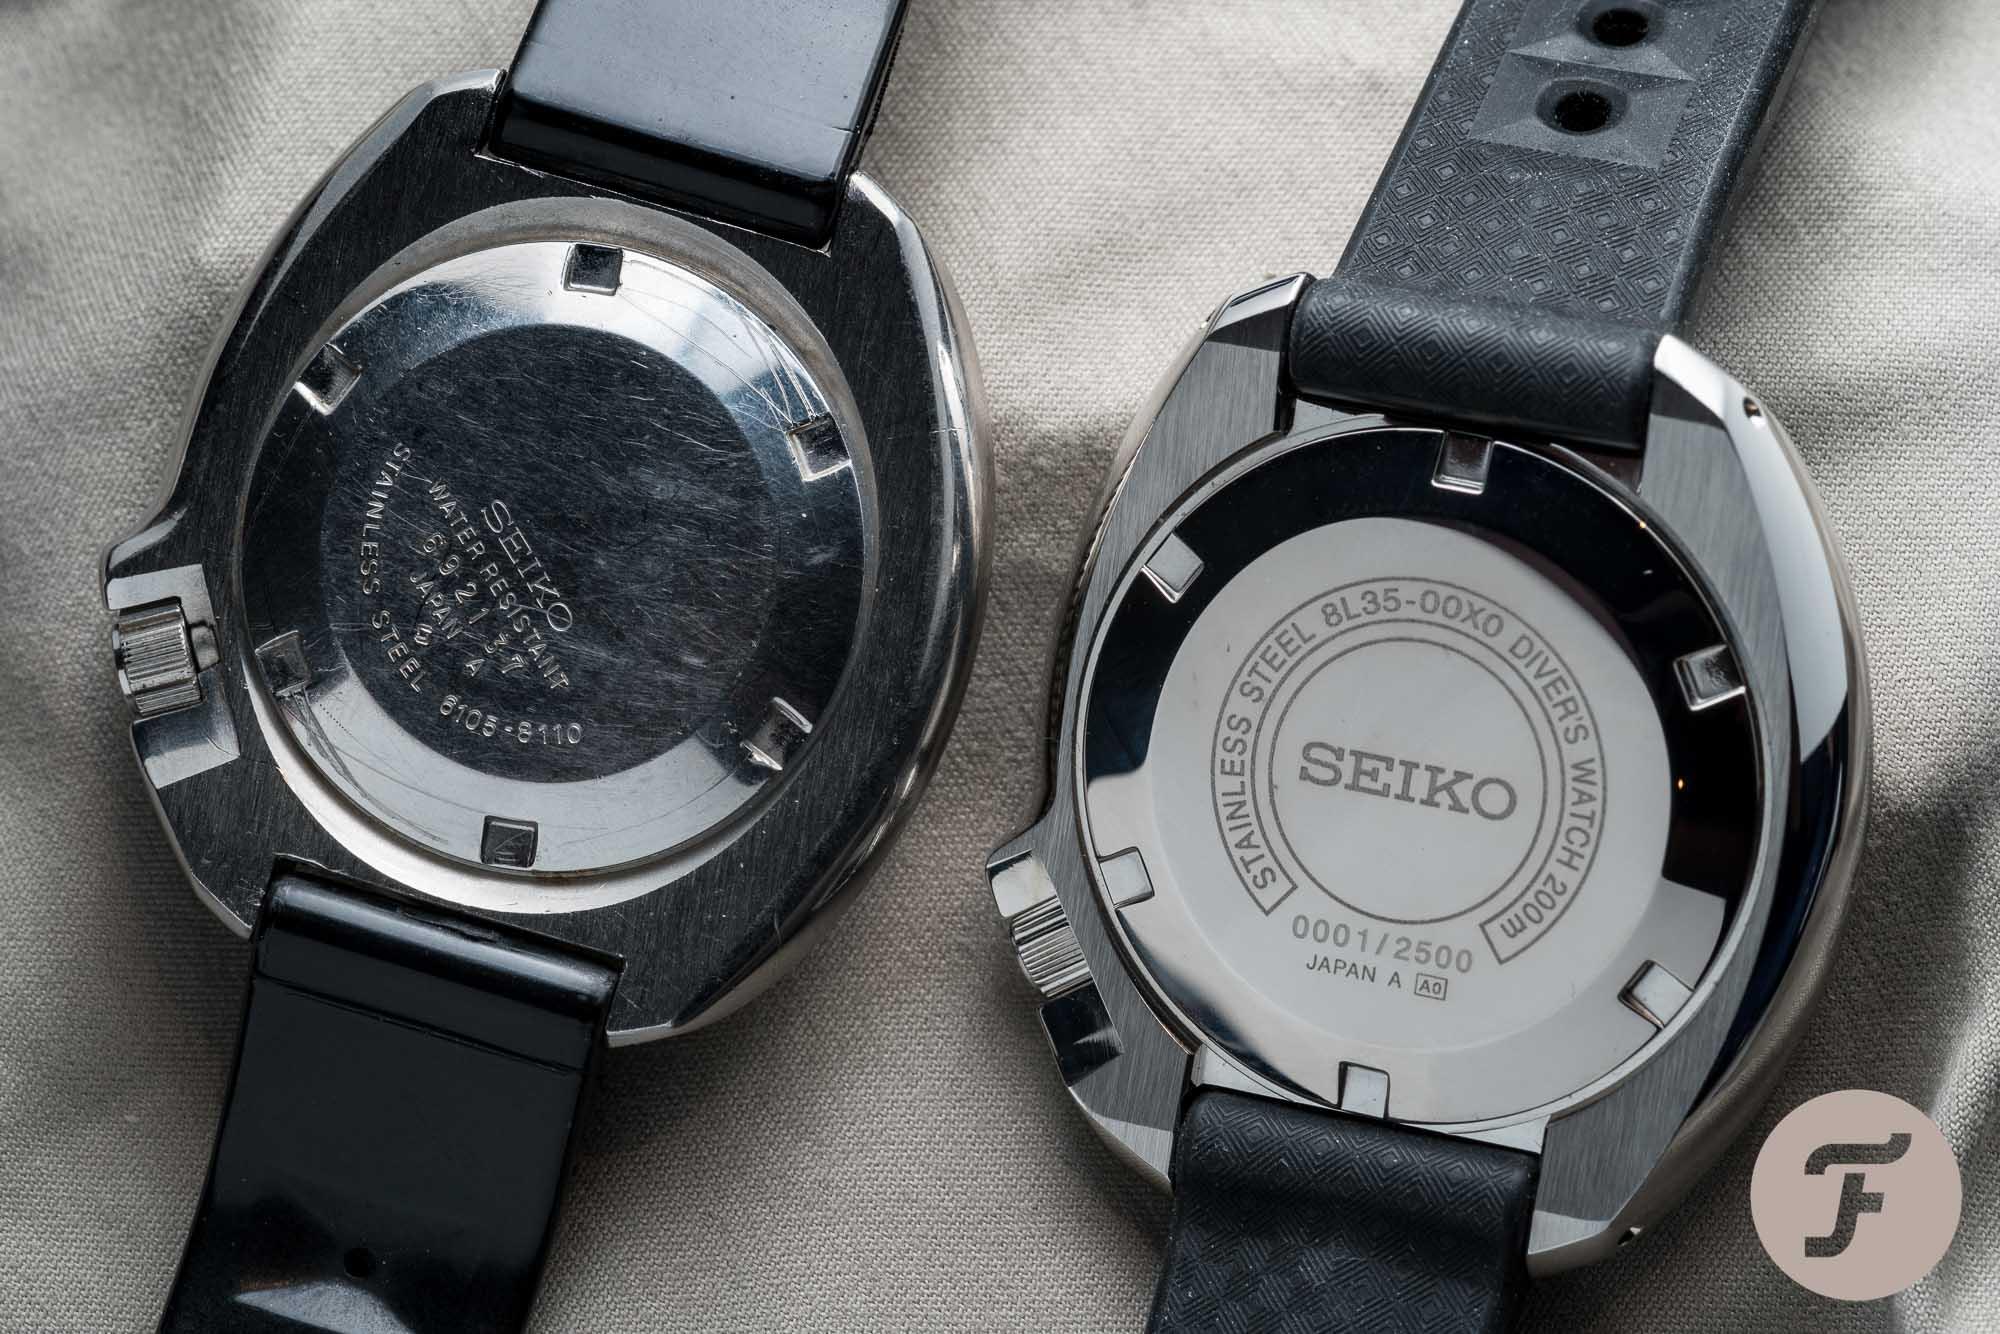 Seiko SLA033 vs 6105-8110